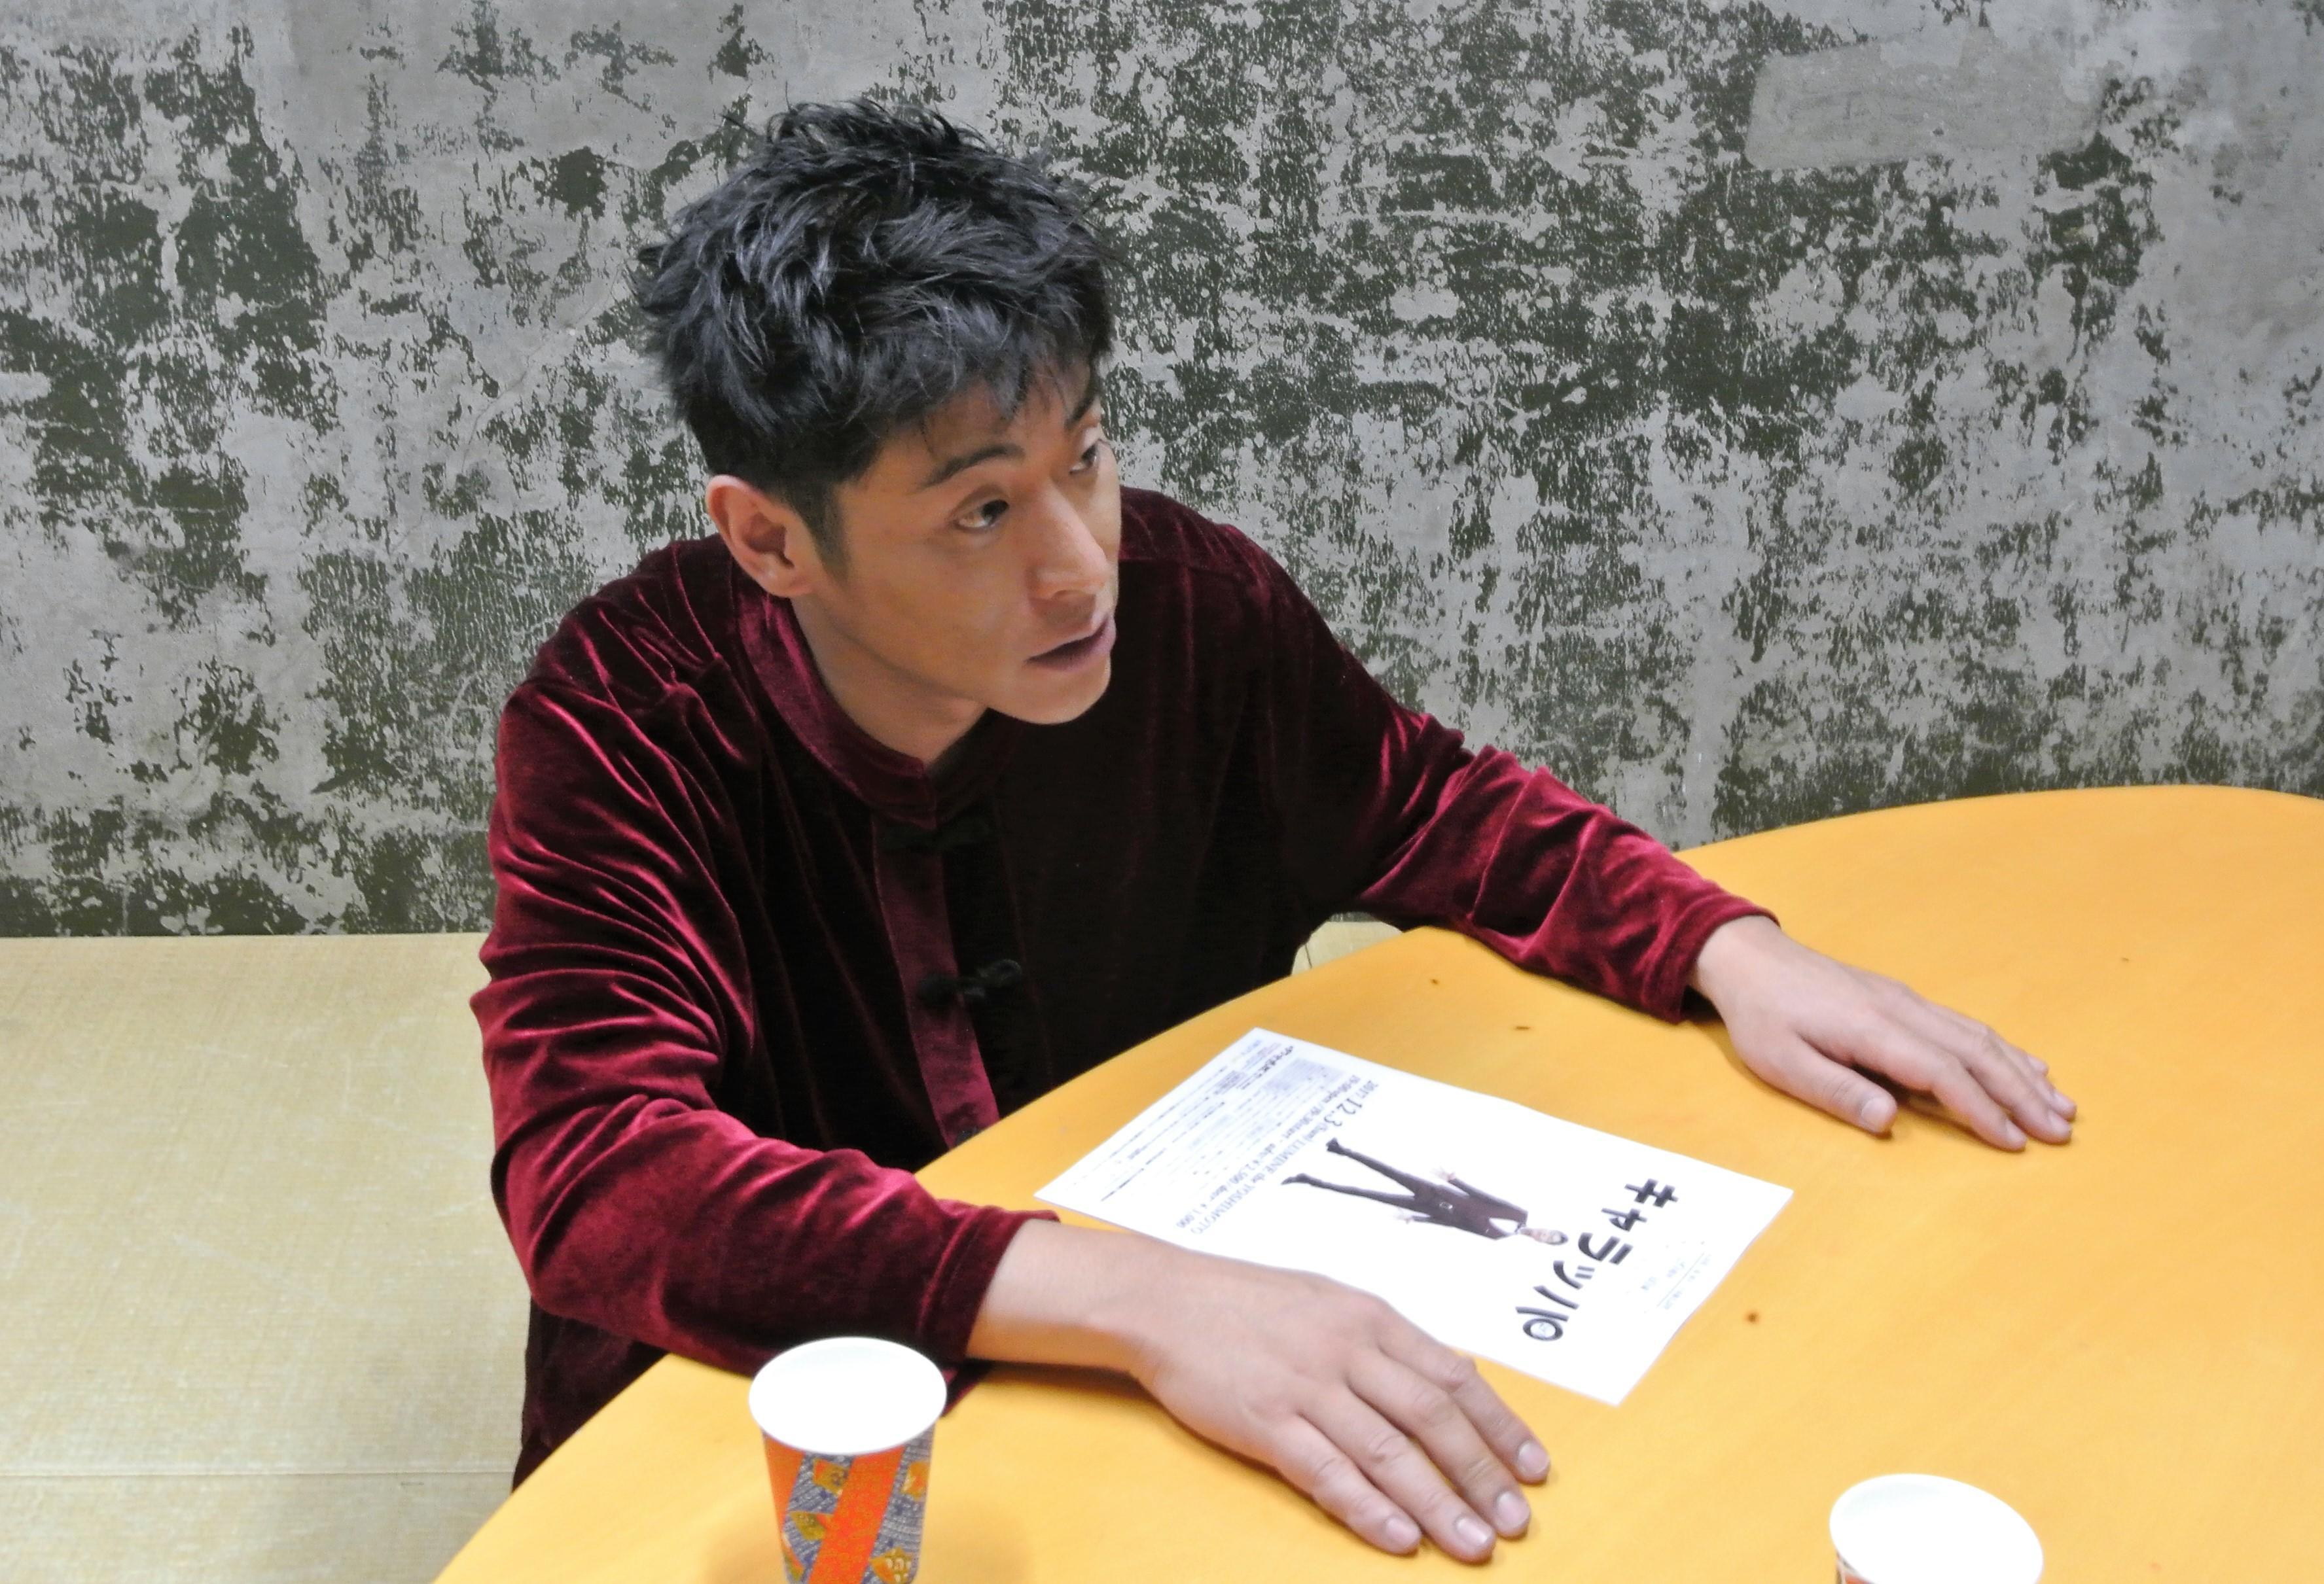 http://news.yoshimoto.co.jp/20171124174820-a05f025e0027628fe0d32cd03deb7ff6620da718.jpg